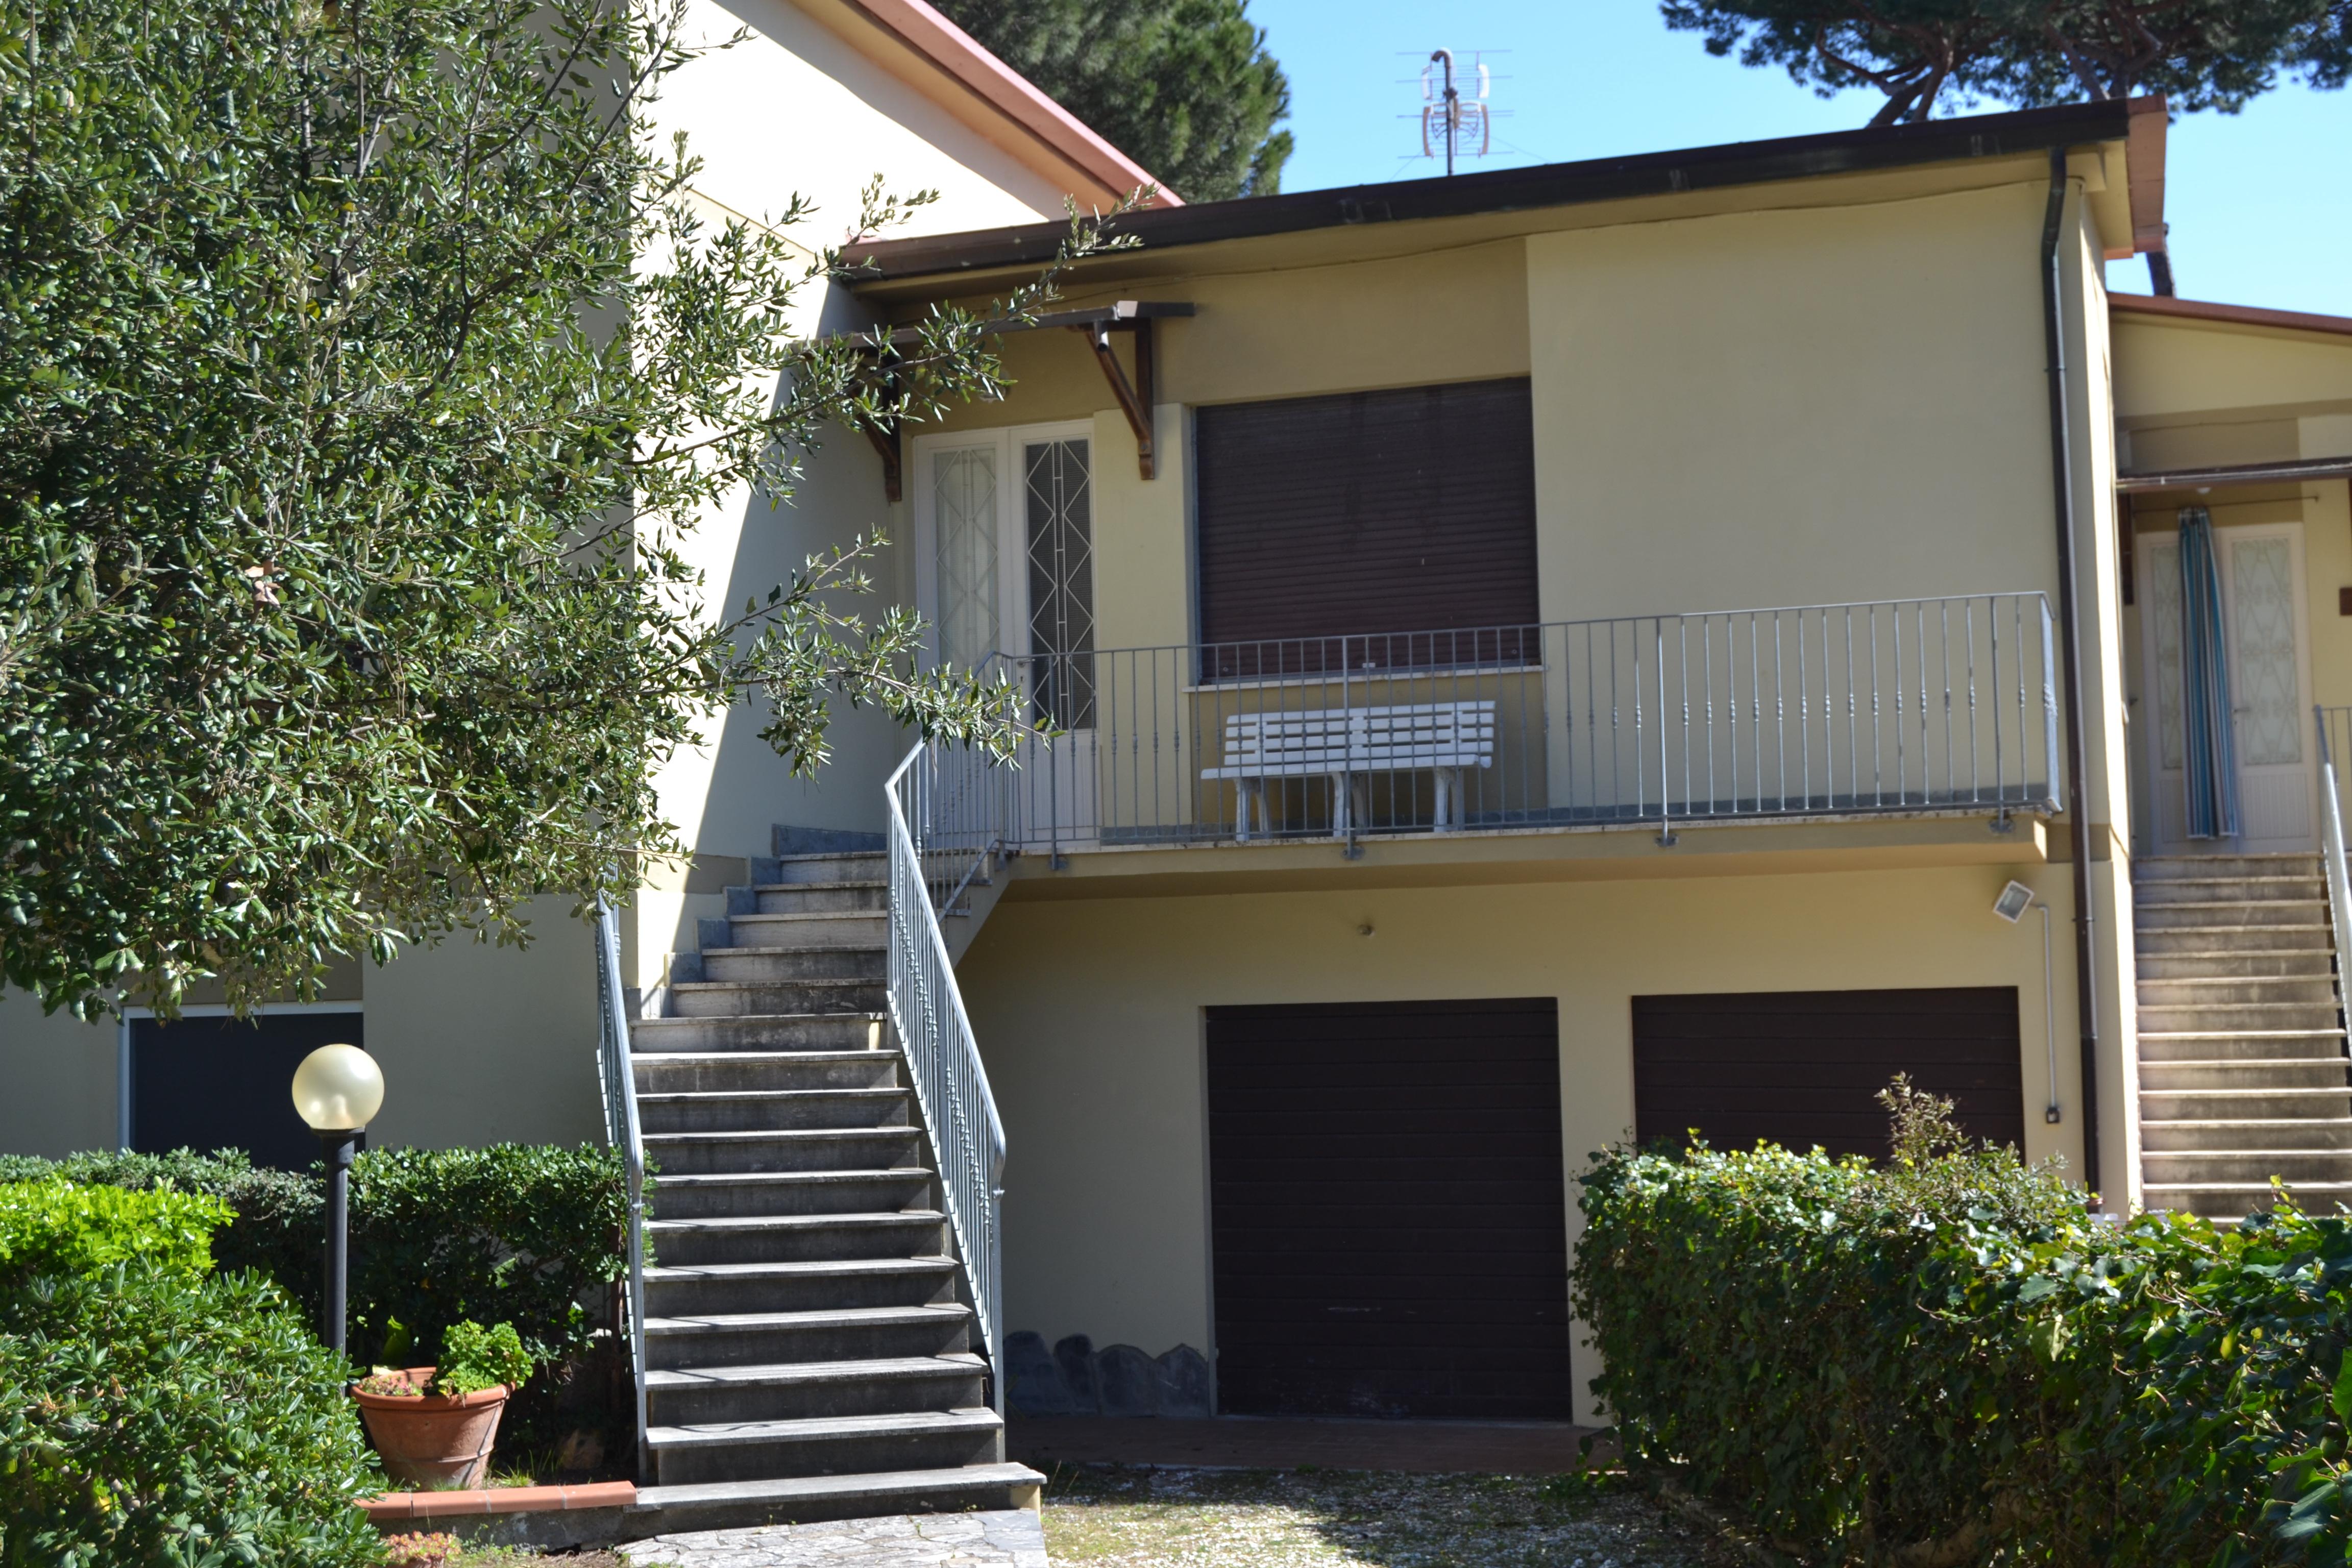 Villa affitto vacanze al mare a Tirrenia. Rif.A.50